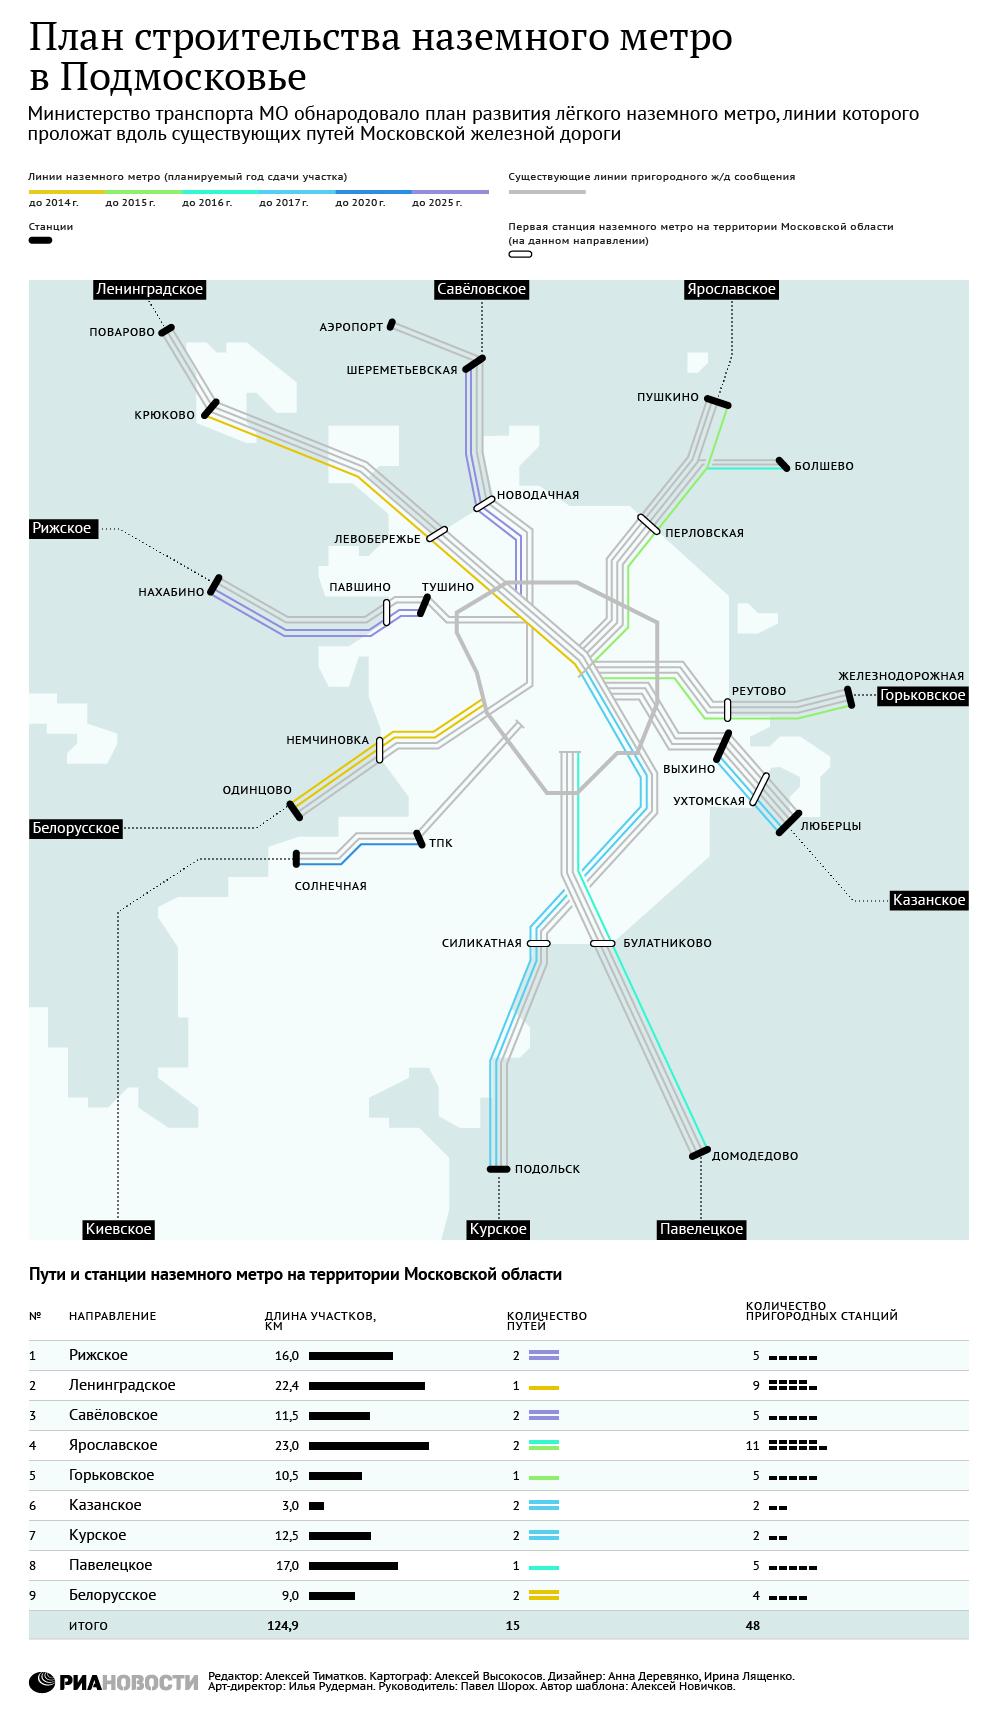 План строительства наземного метро в Подмосковье